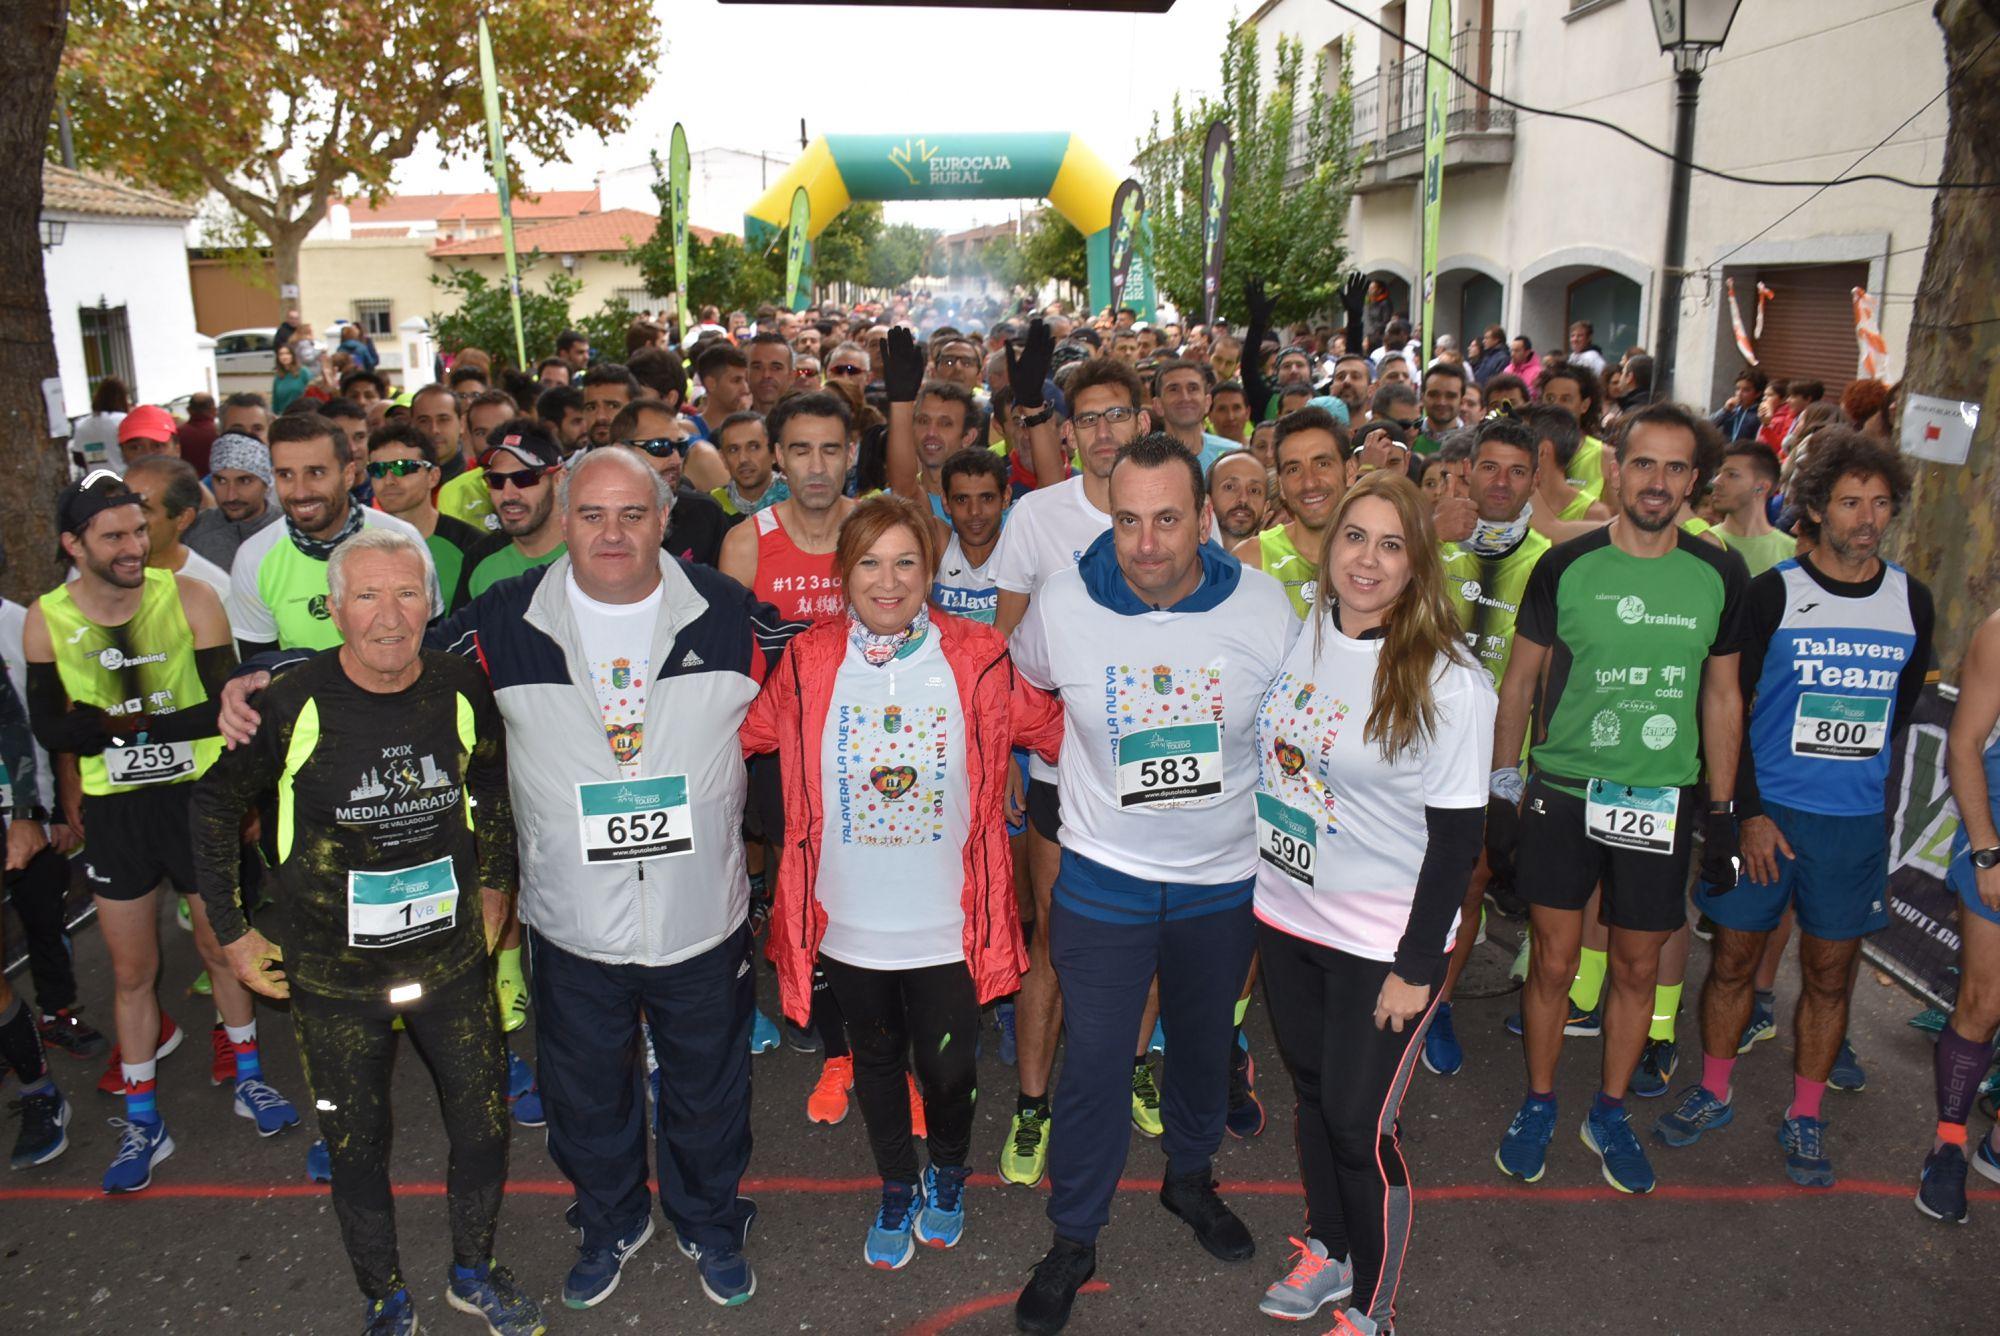 Celebrada la XIV carrera solidaria y caminata 'Villa de Saucedo' de Talavera La Nueva - www.lavozdeltajo.com